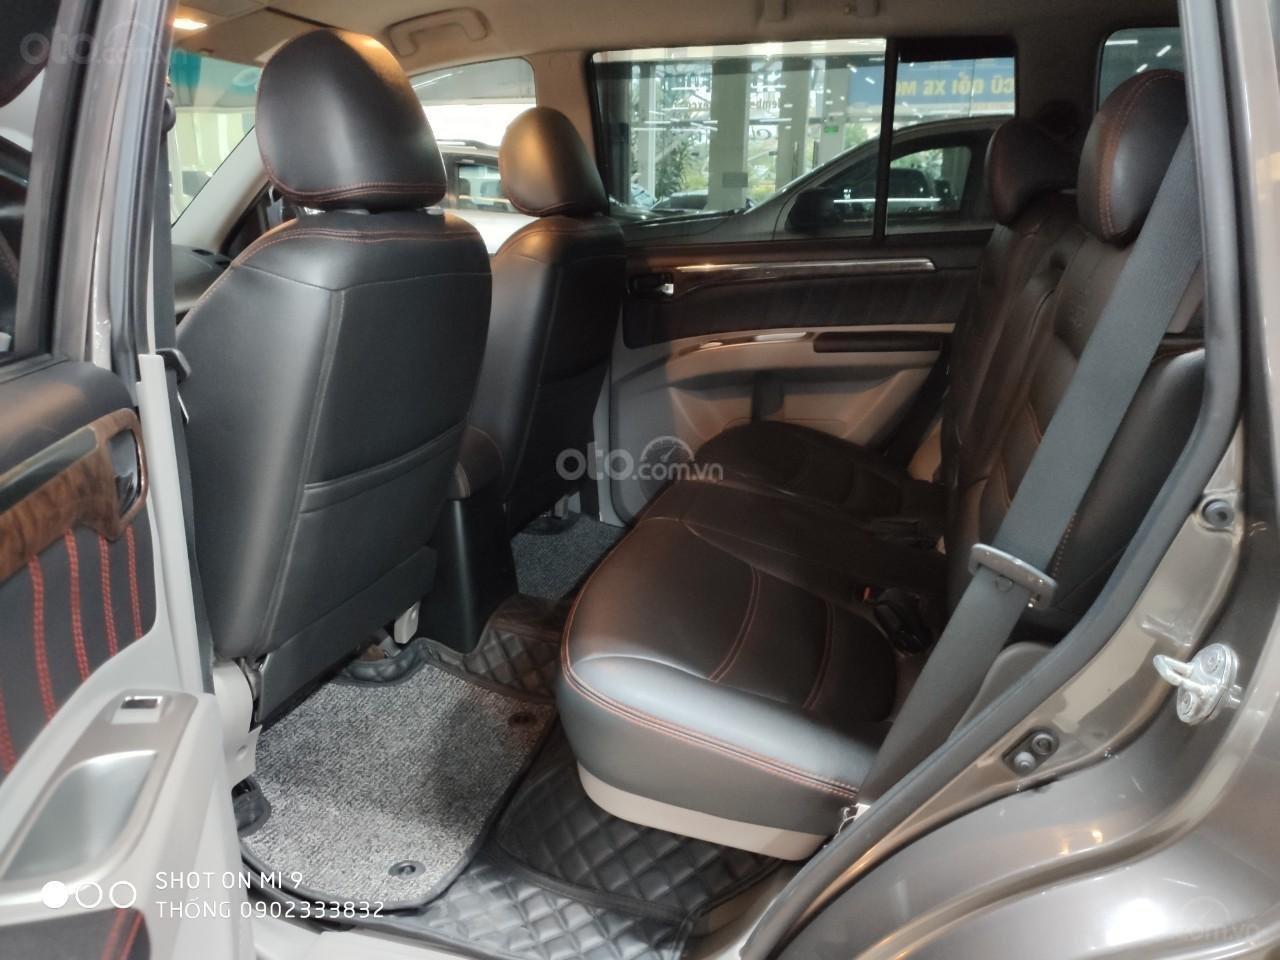 Bán xe Mitsubishi Pajero Sport đời 2011, màu nâu, xe nhập (2)